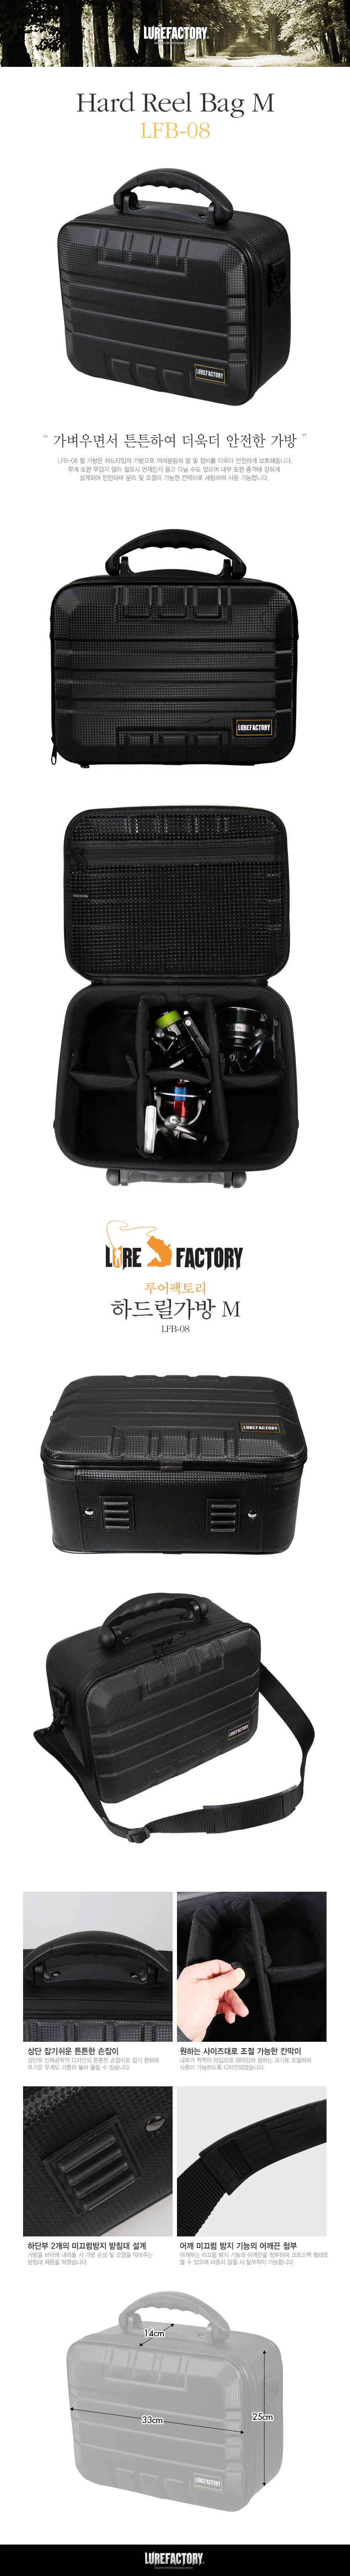 루어팩토리 릴가방/릴케이스 LFB-08 릴케이스 릴보관 릴보조가방